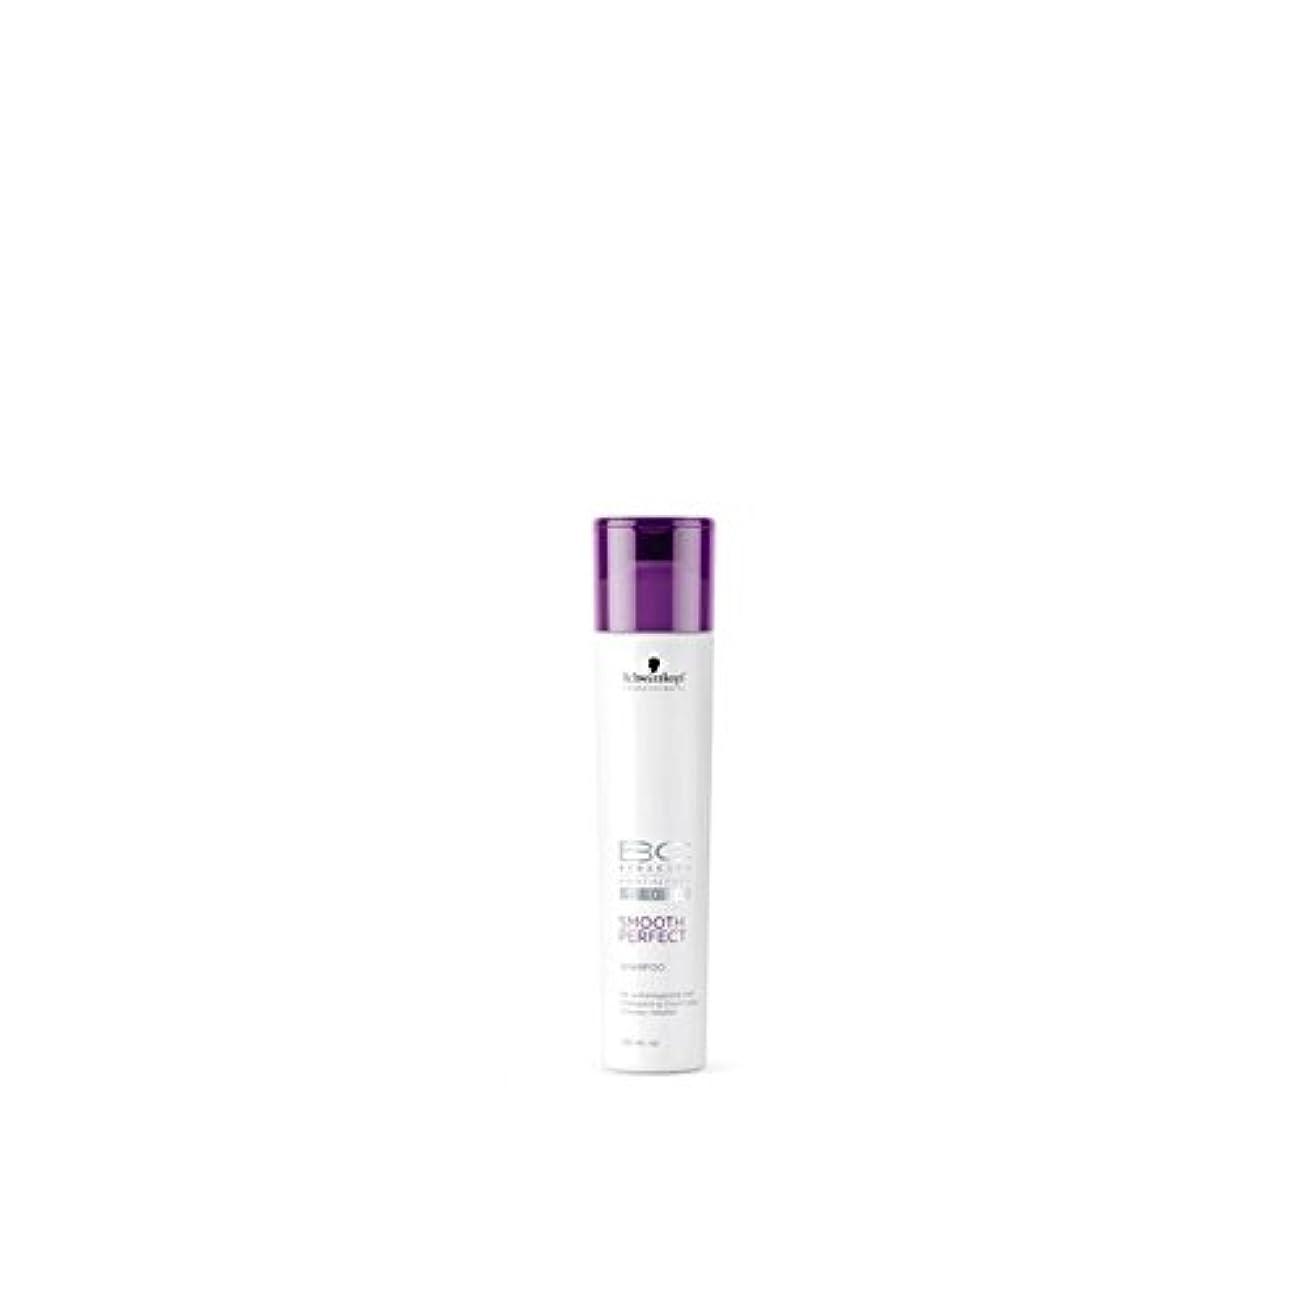 団結する地下室外交官Schwarzkopf Bc Smooth Perfect Shampoo (250ml) (Pack of 6) - なめらかな完璧なシャンプー(250ミリリットル)シュワルツコフ x6 [並行輸入品]